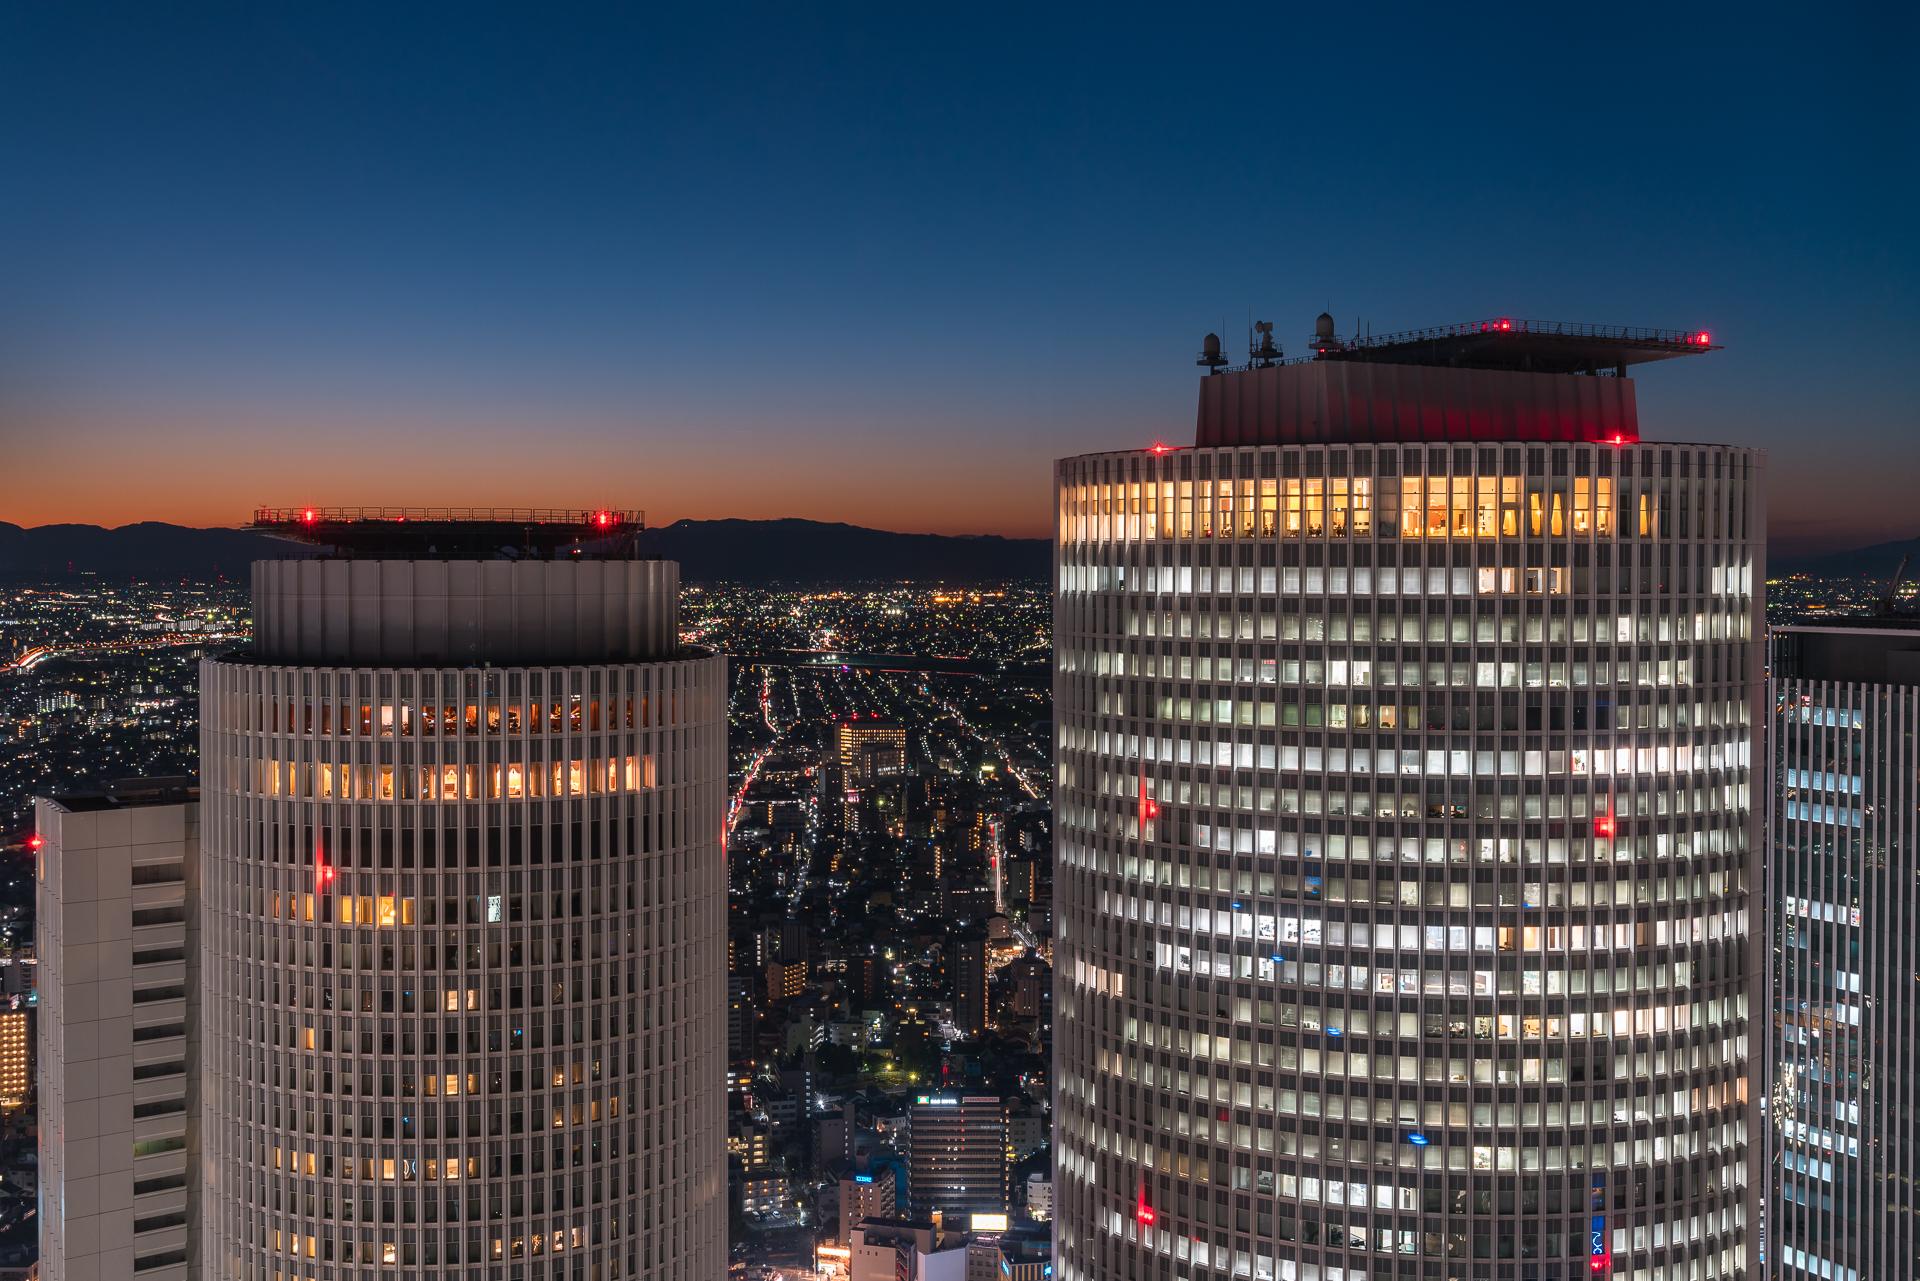 愛知県名古屋市「スカイプロムナード(夜景)」の行き方と撮影スポット